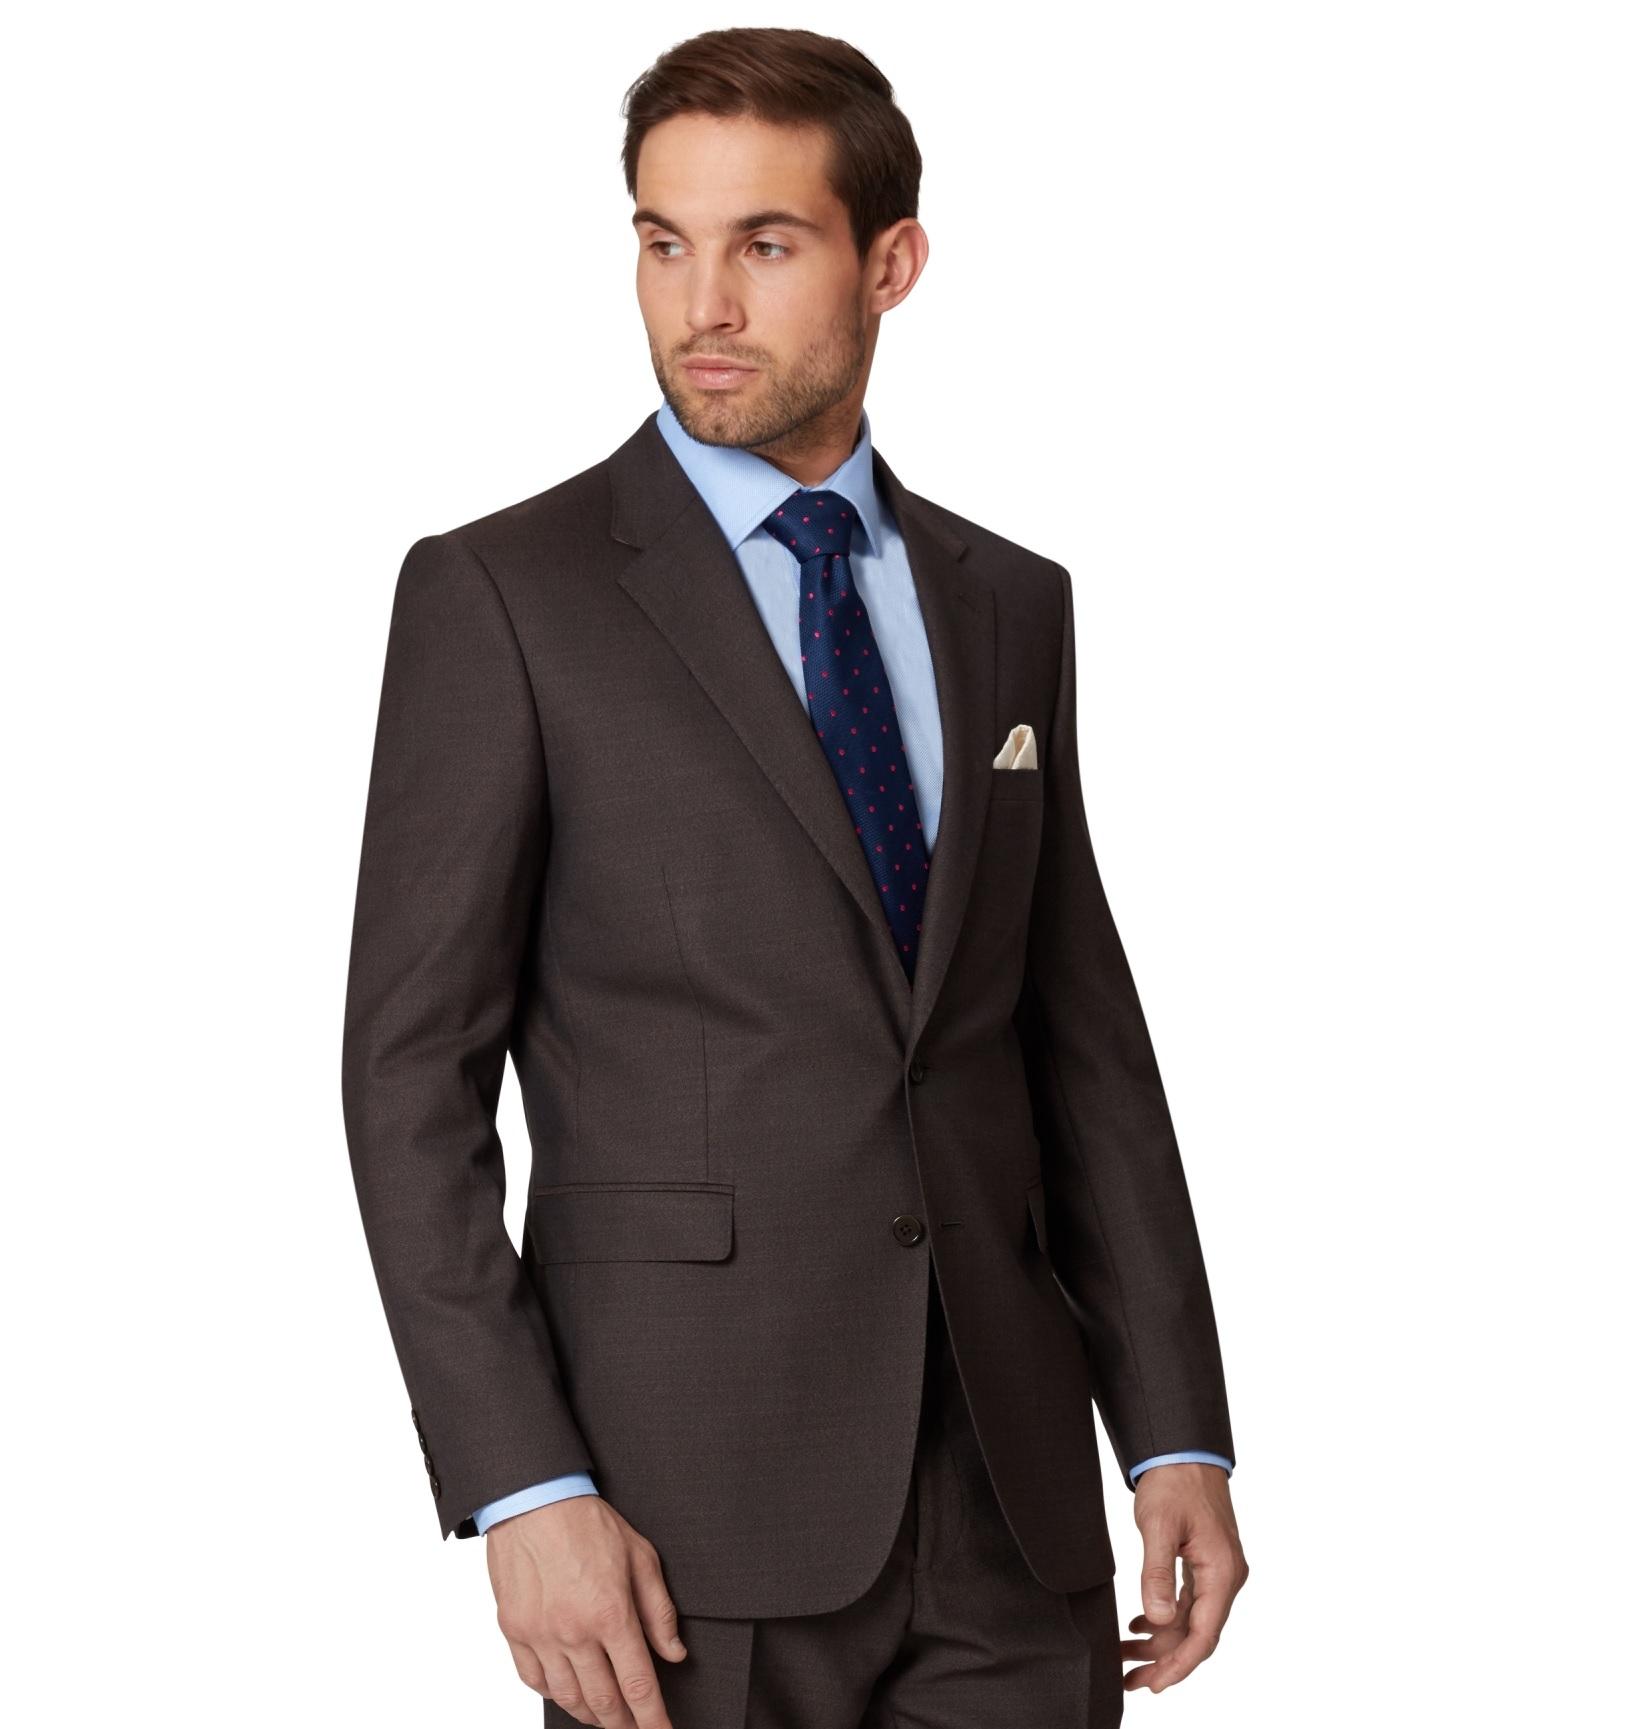 ecdac9be096d Ermenegildo Zegna Cloth Mens Brown Suit Jacket Sharkskin Wool Regular Fit  Blazer